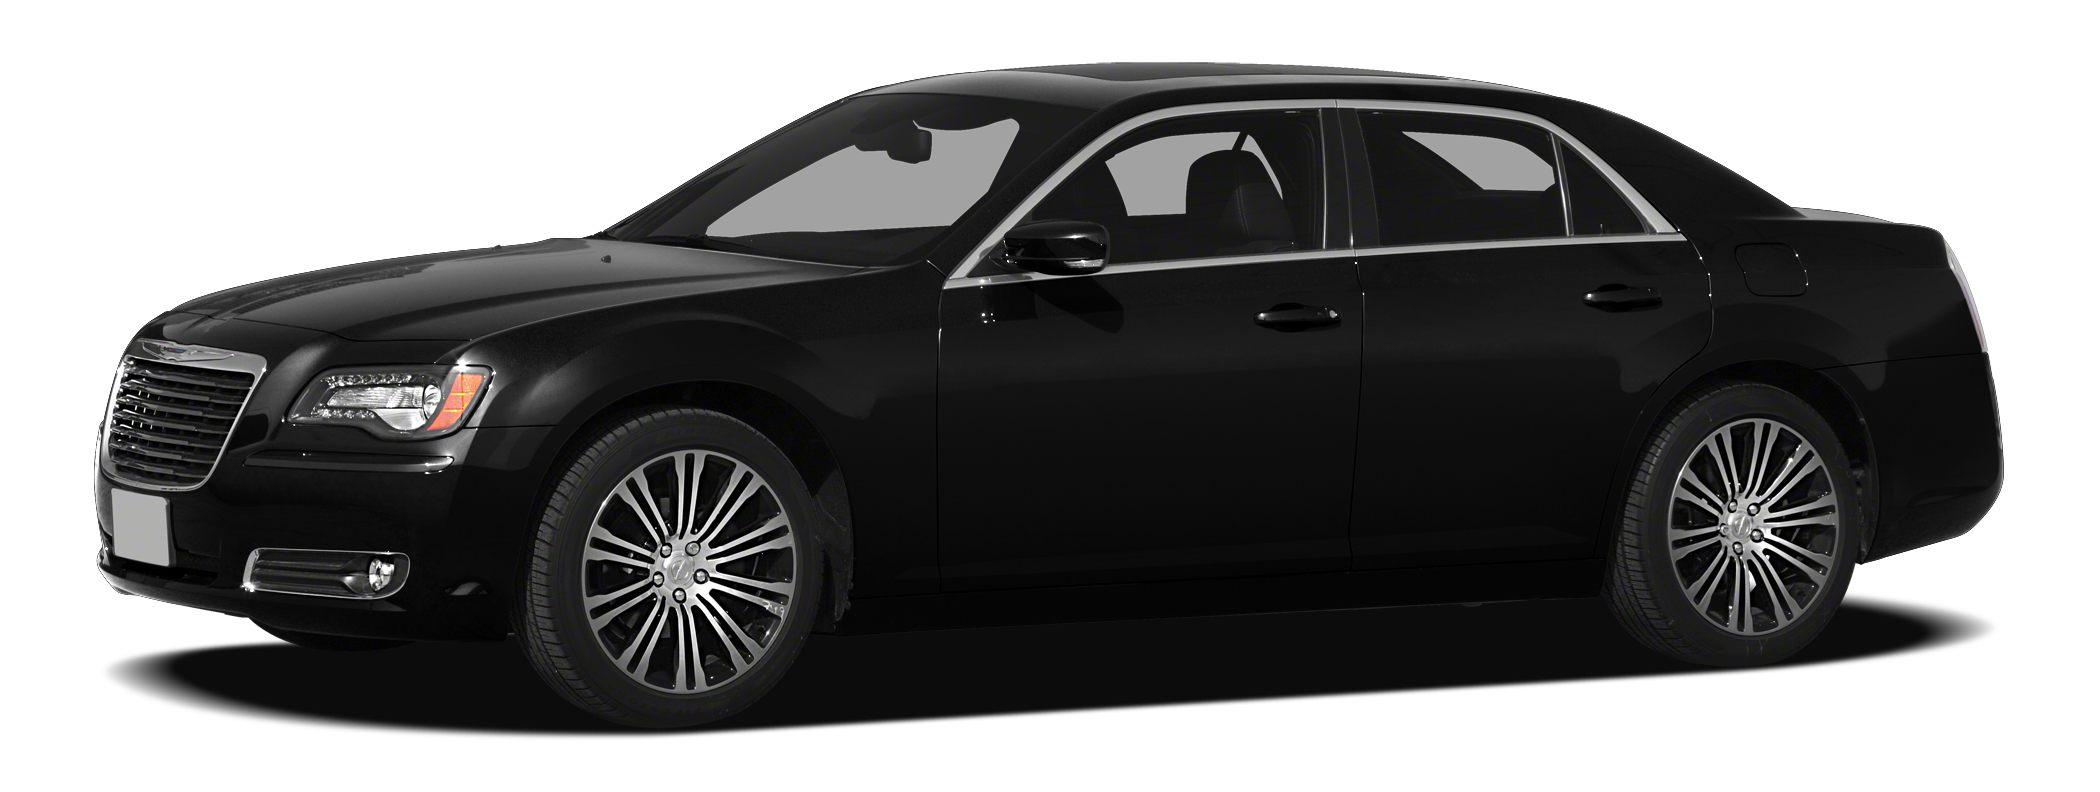 2012 Chrysler 300 S V6 EPA 31 MPG Hwy19 MPG City GREAT MILES 44273 Nav System Heated Leather